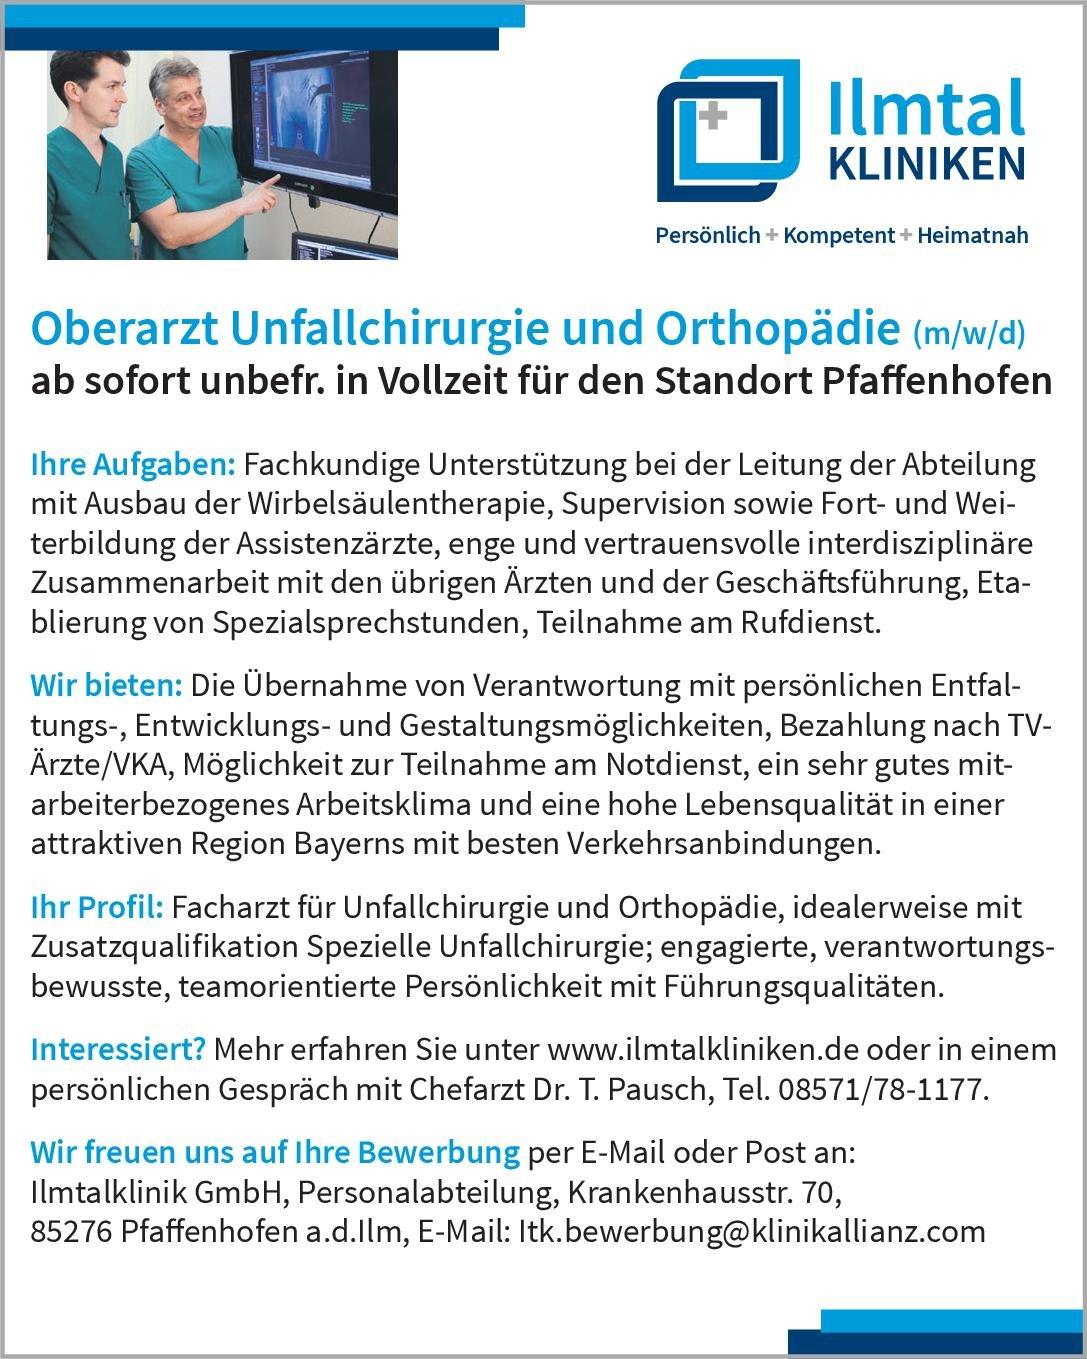 Ilmtalklinik GmbH Oberarzt Unfallchirurgie und Orthopädie (m/w/d)  Orthopädie und Unfallchirurgie, Chirurgie Oberarzt